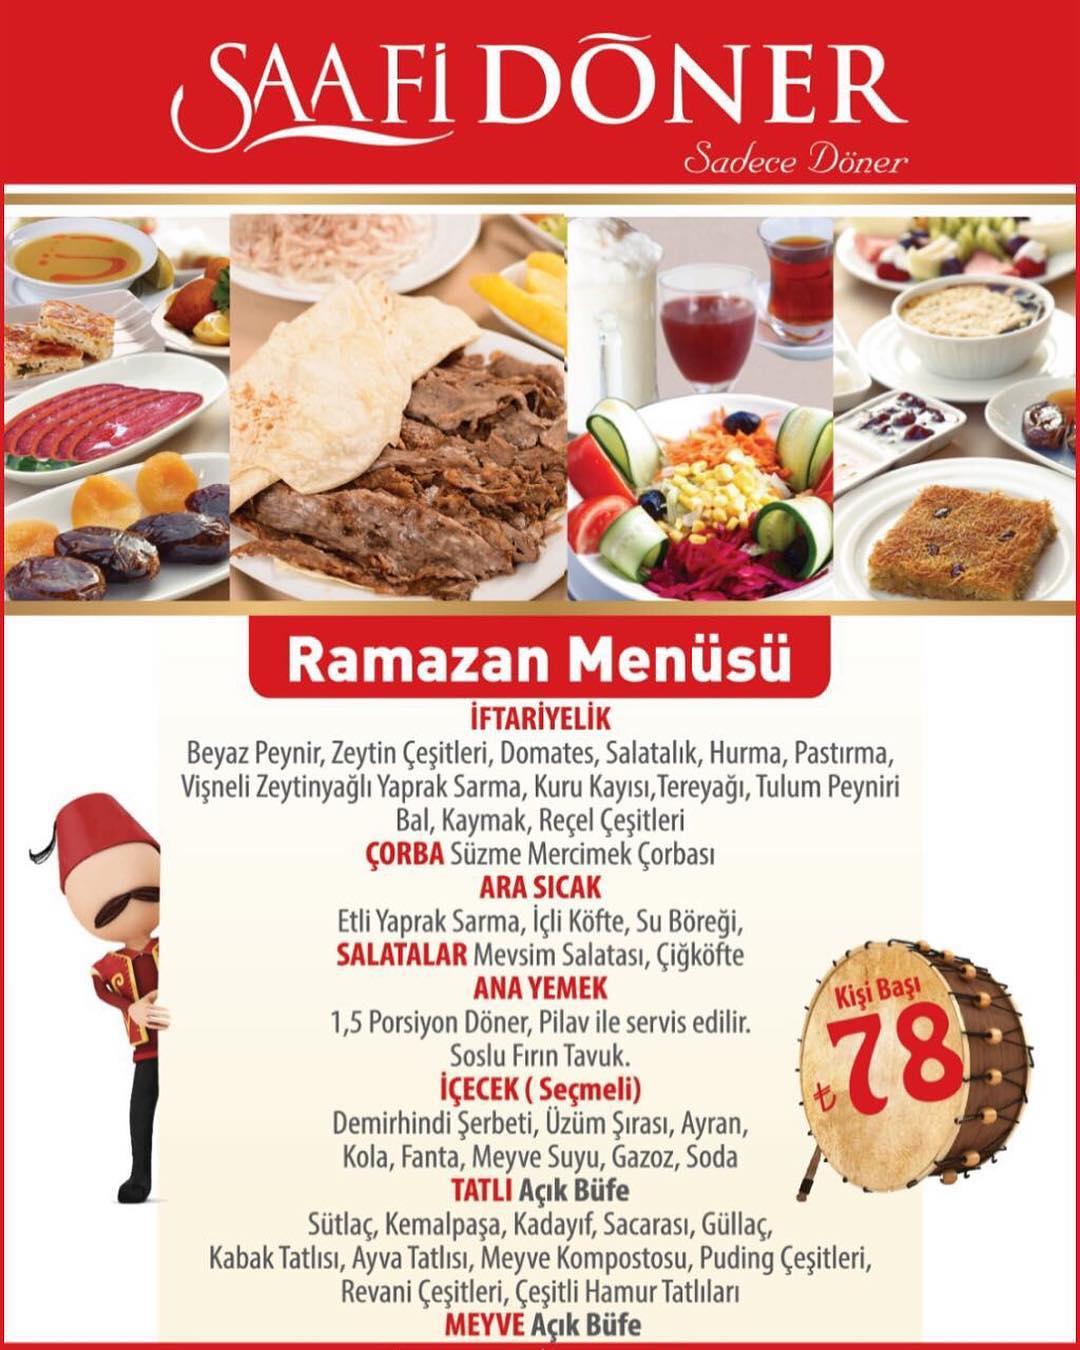 istanbul avrupa yakası iftar mekanları güneşli iftar mekanları güneşli iftar menüsü